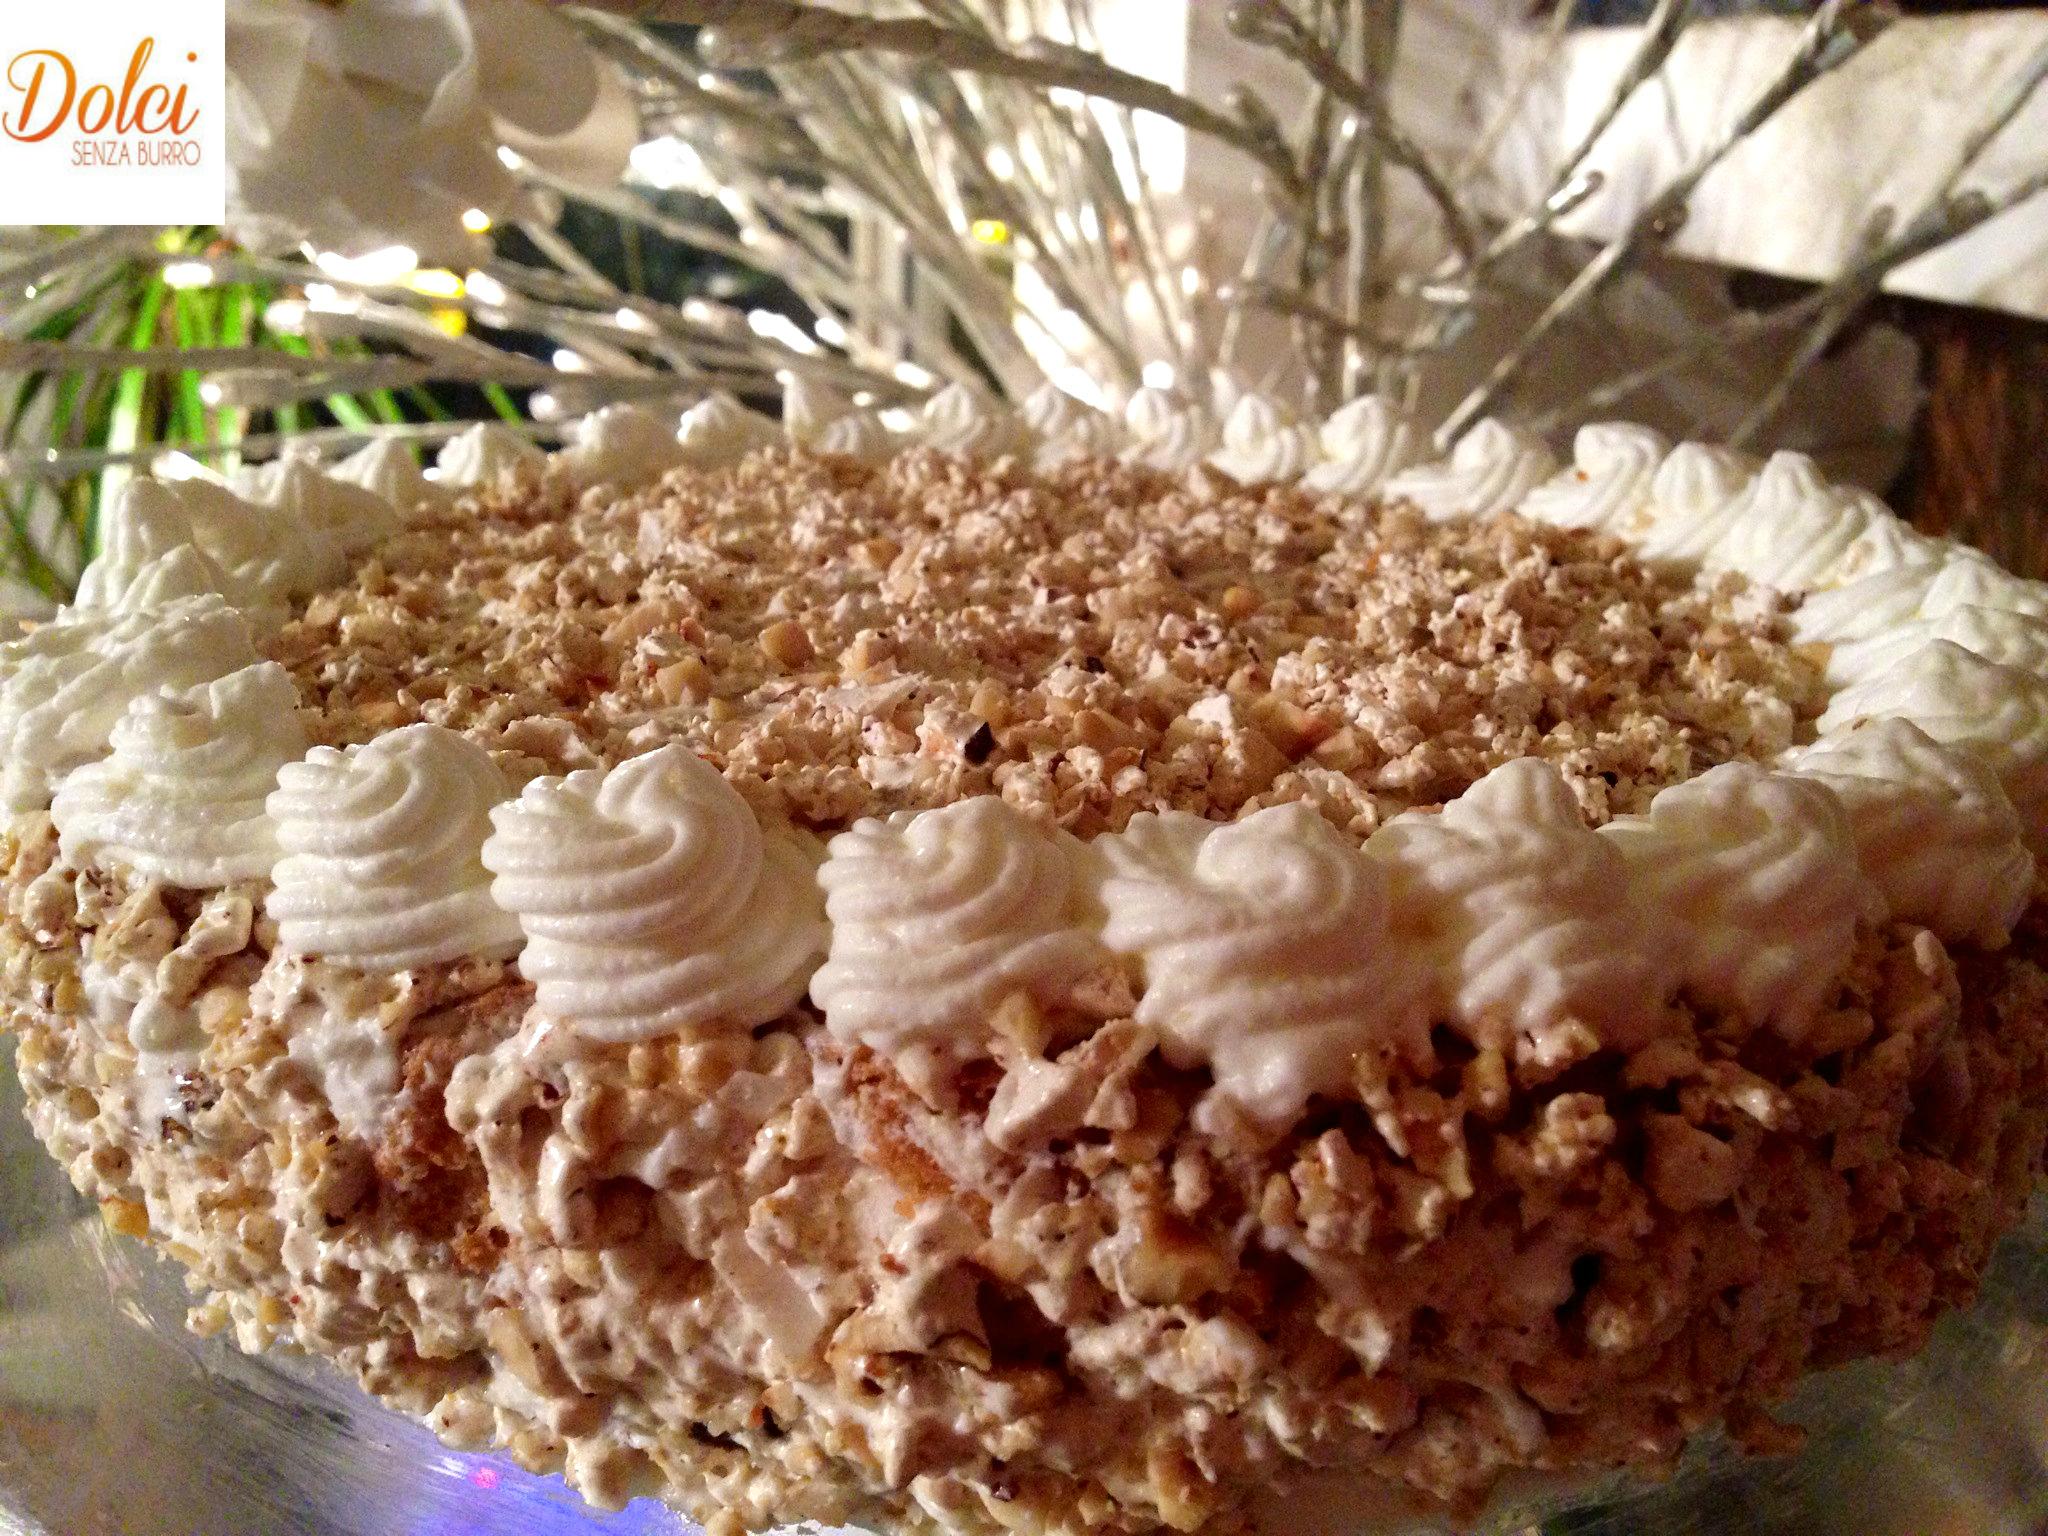 Torta al Torrone Senza Burro, il dolce del riciclo di dolci senza burro